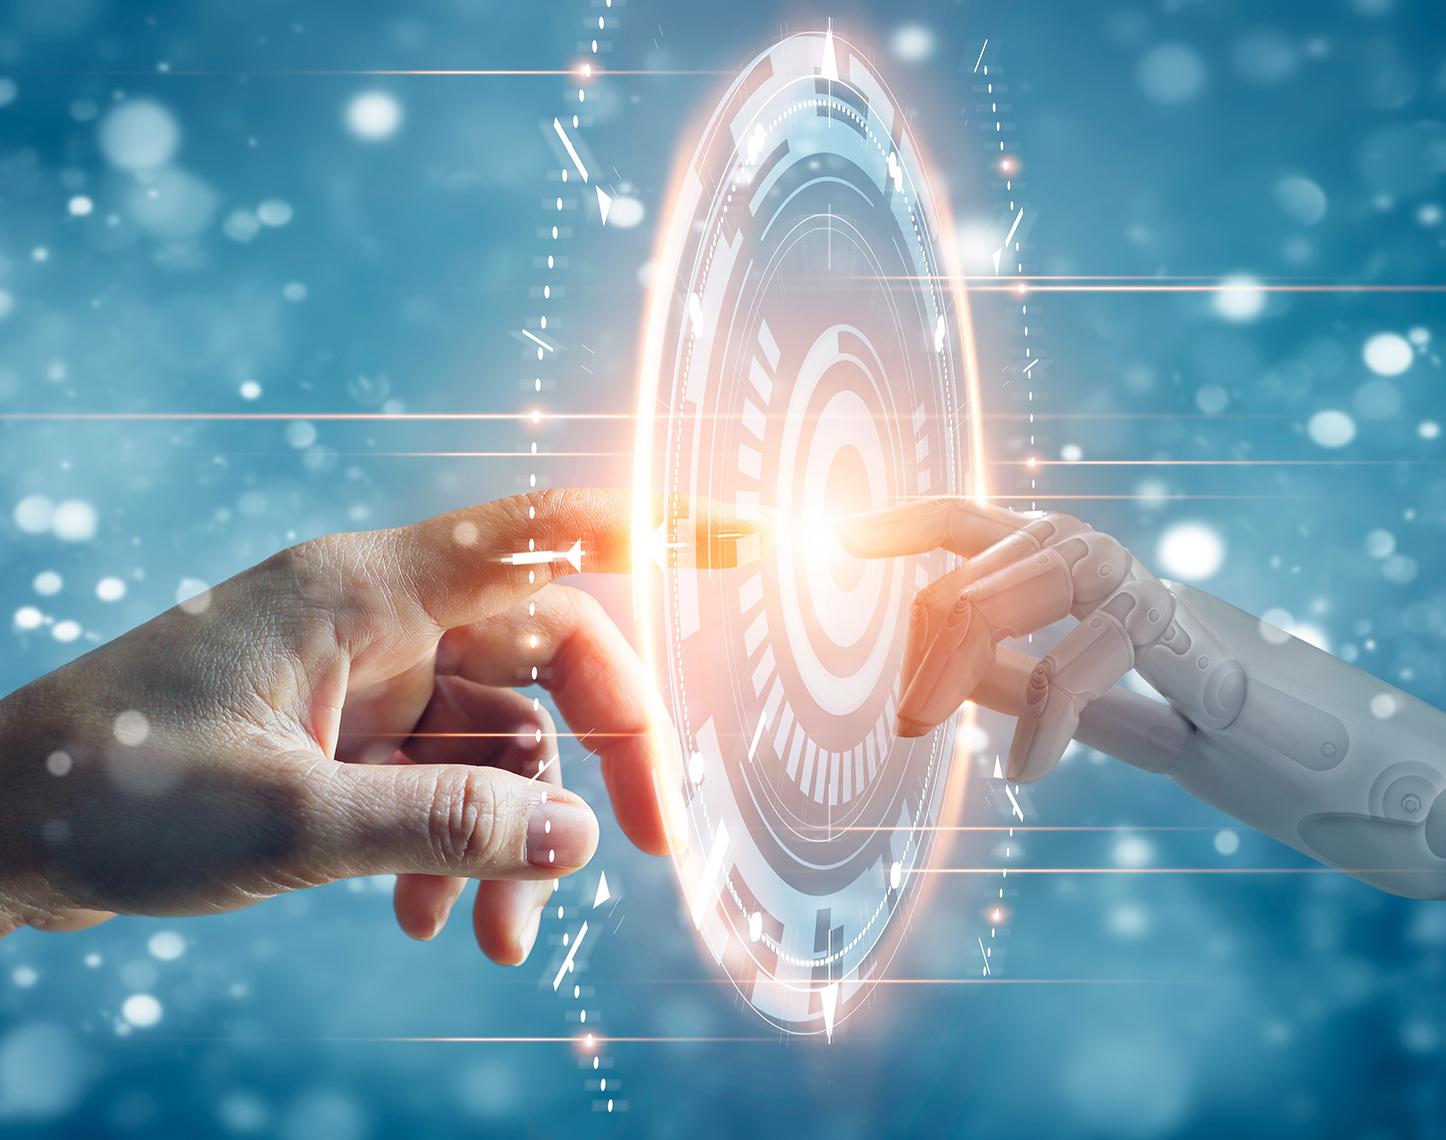 Die wichtigsten fünf Technologie-Trends des Jahres 2021